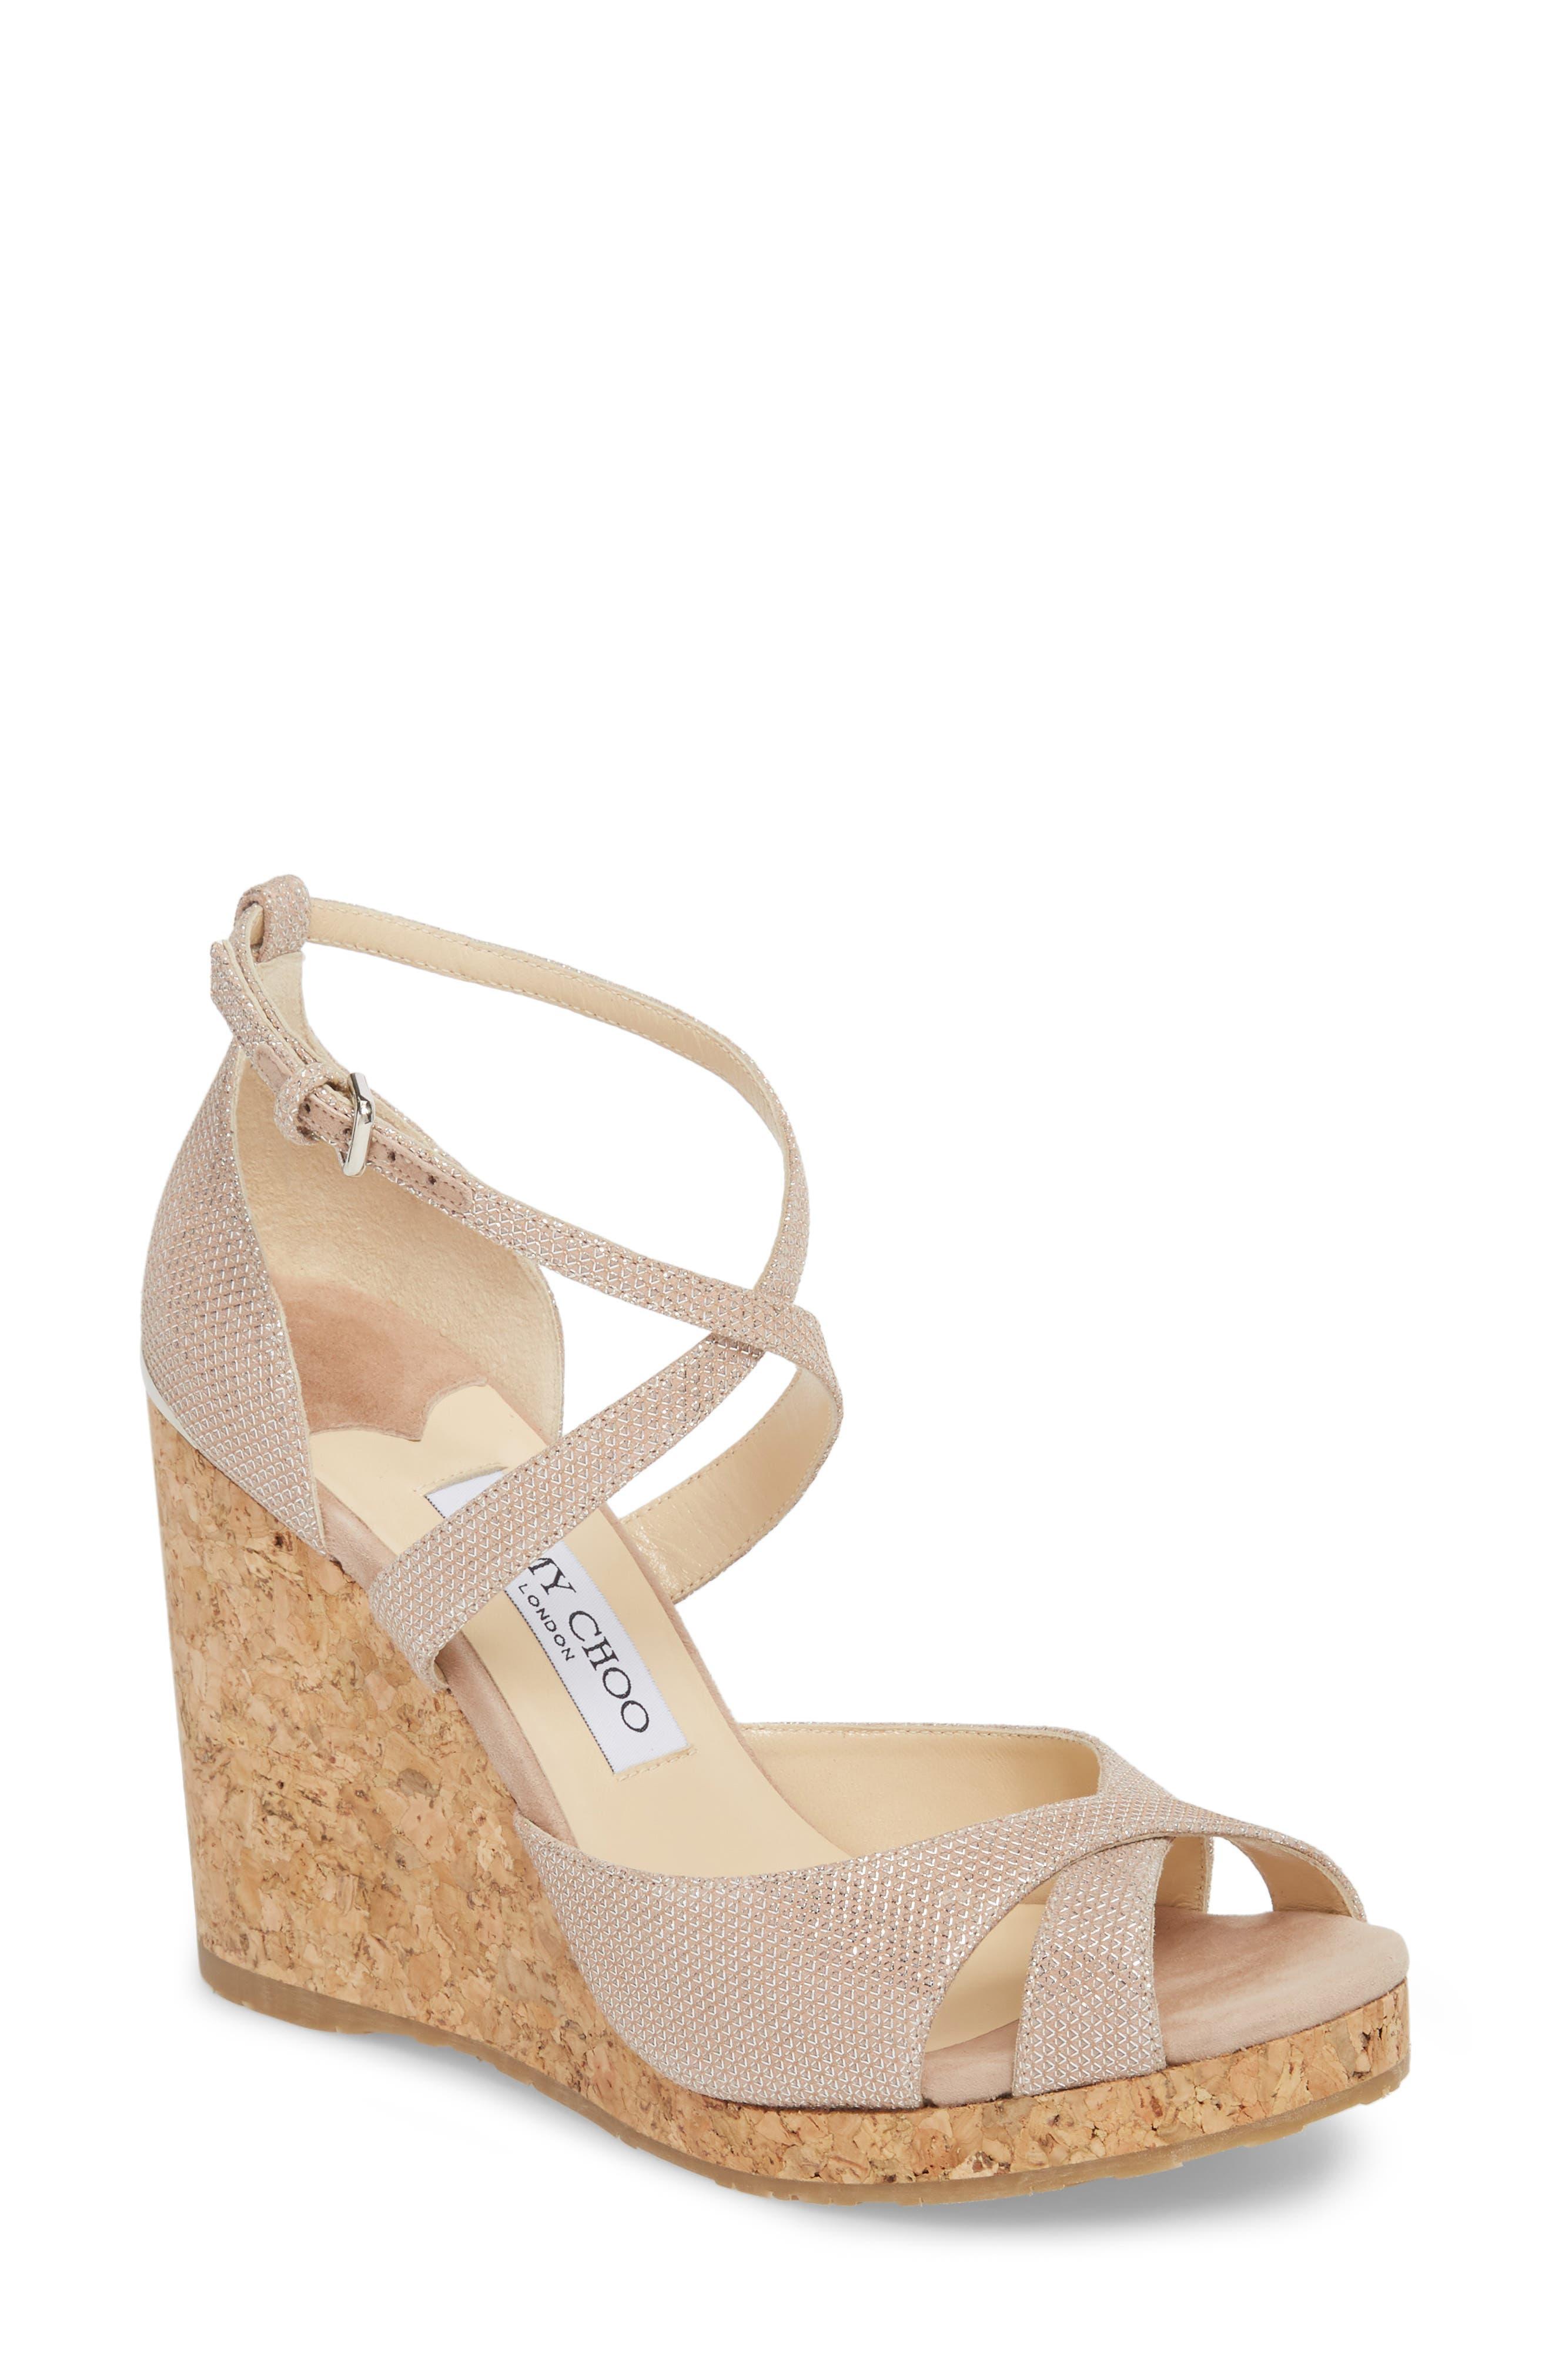 Alanah Espadrille Wedge Sandal,                         Main,                         color, Ballet Pink Glitter